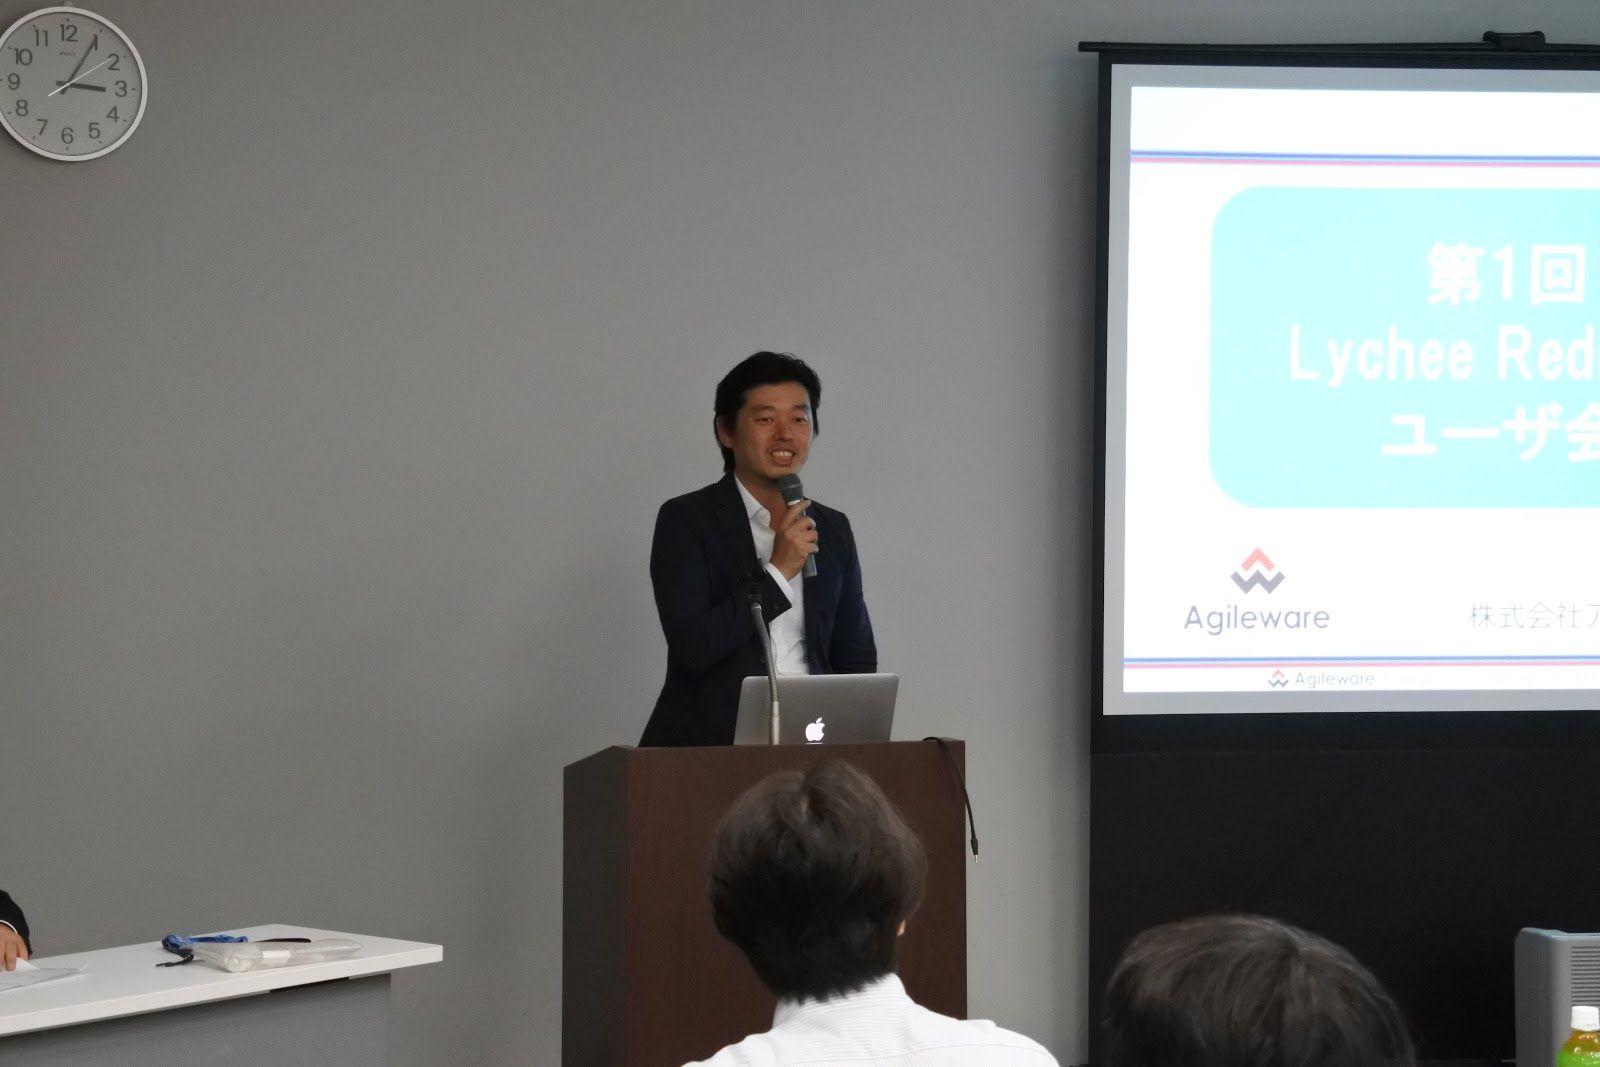 株式会社アジャイルウェア 代表取締役CEO 川端 光義(写真左)<br /> 株式会社アジャイルウェア 水口 崇(写真右)